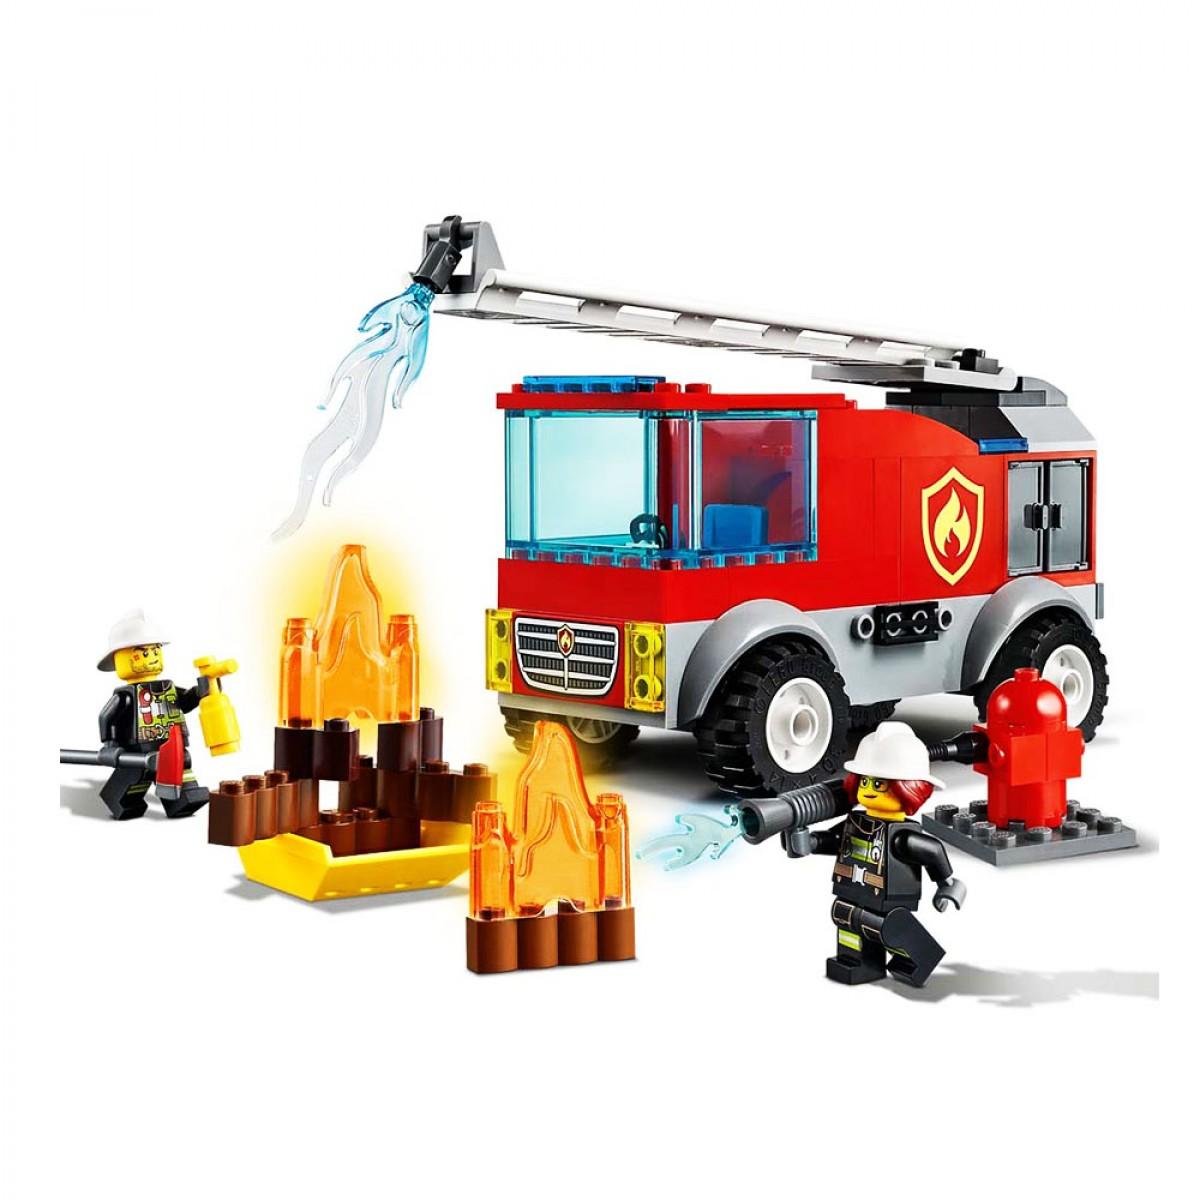 LEGO FIRE LADDER TRUCK 60280